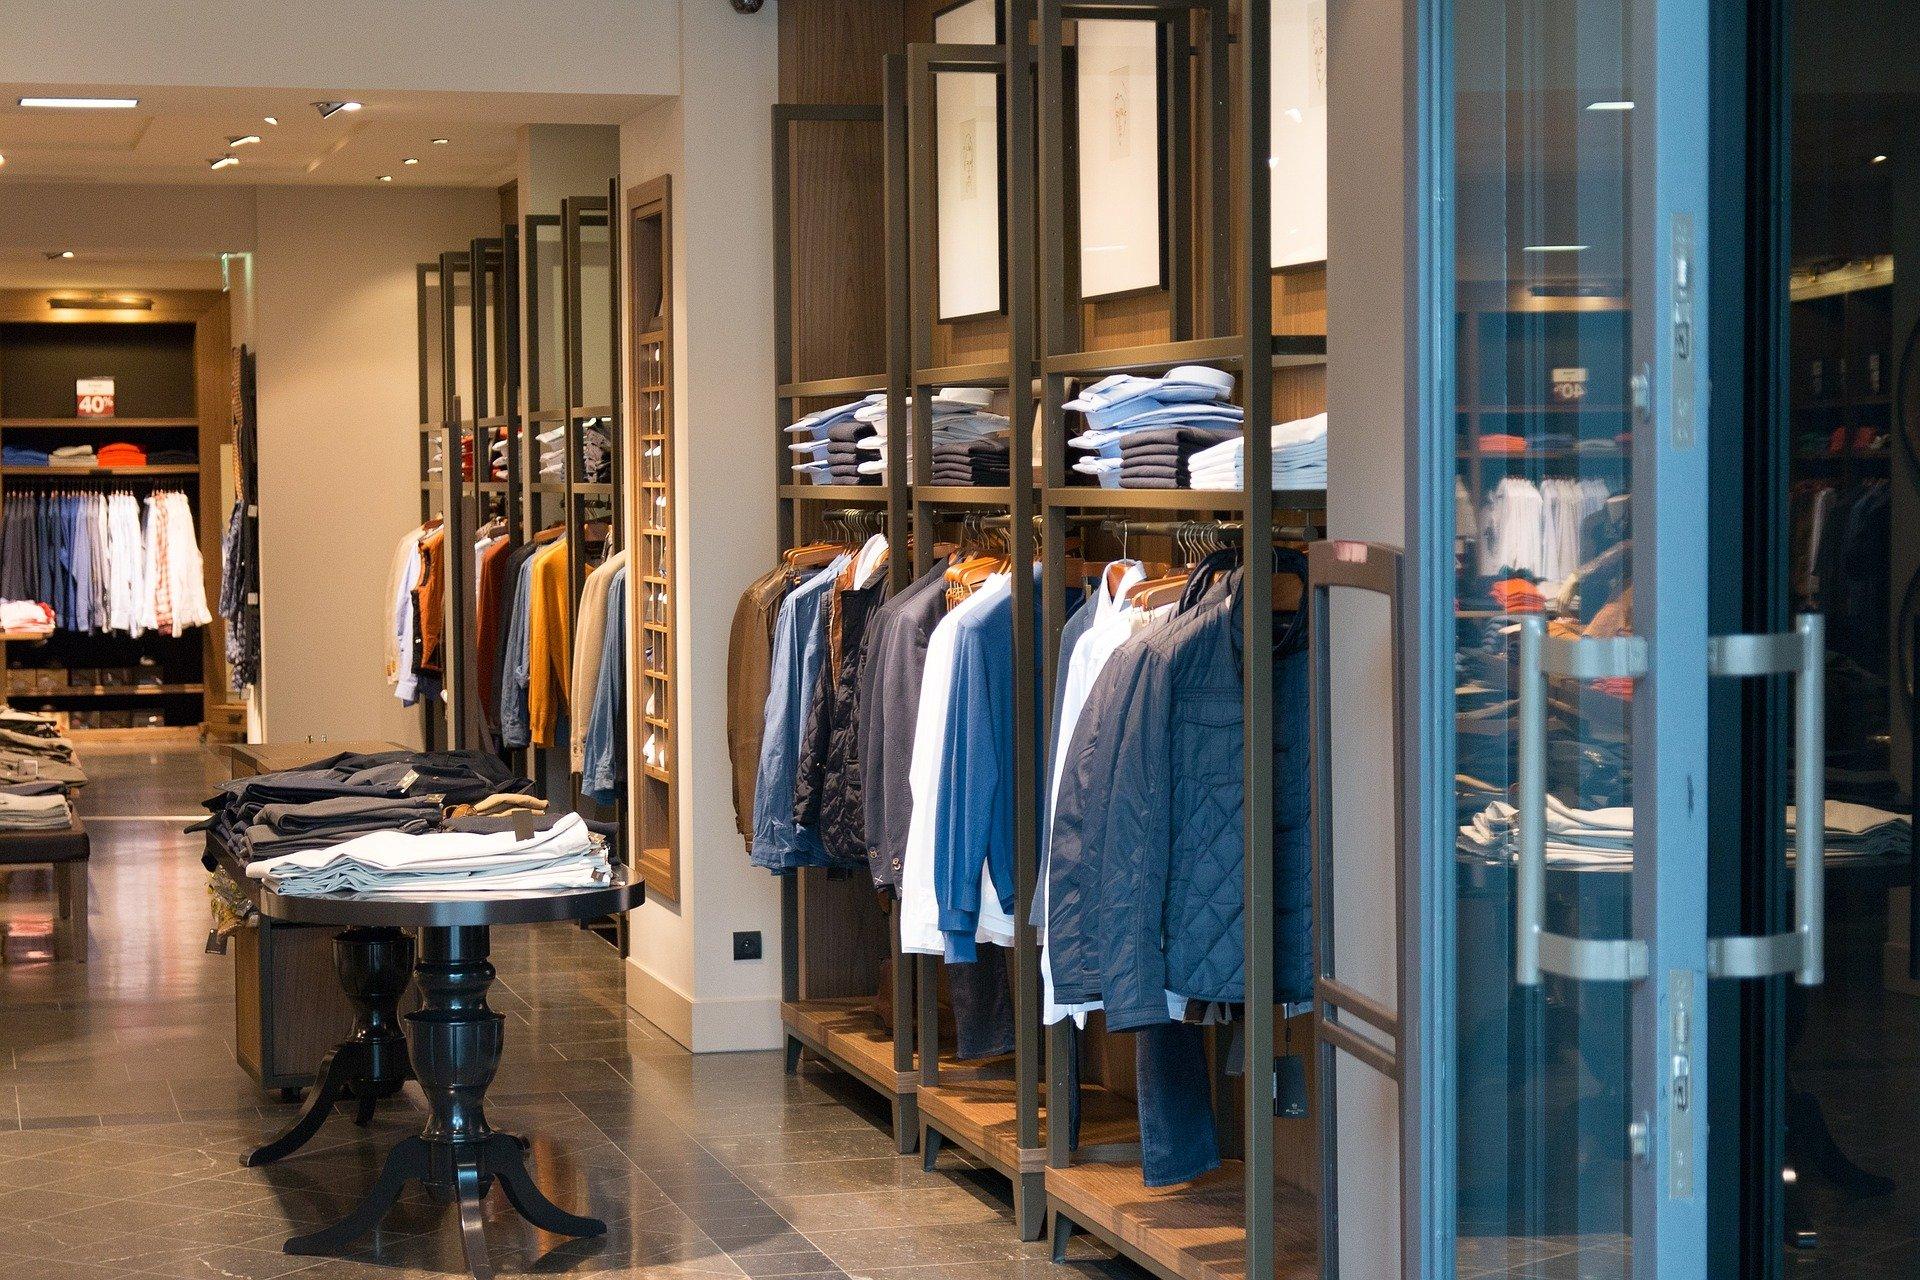 shop-906722_1920.jpg